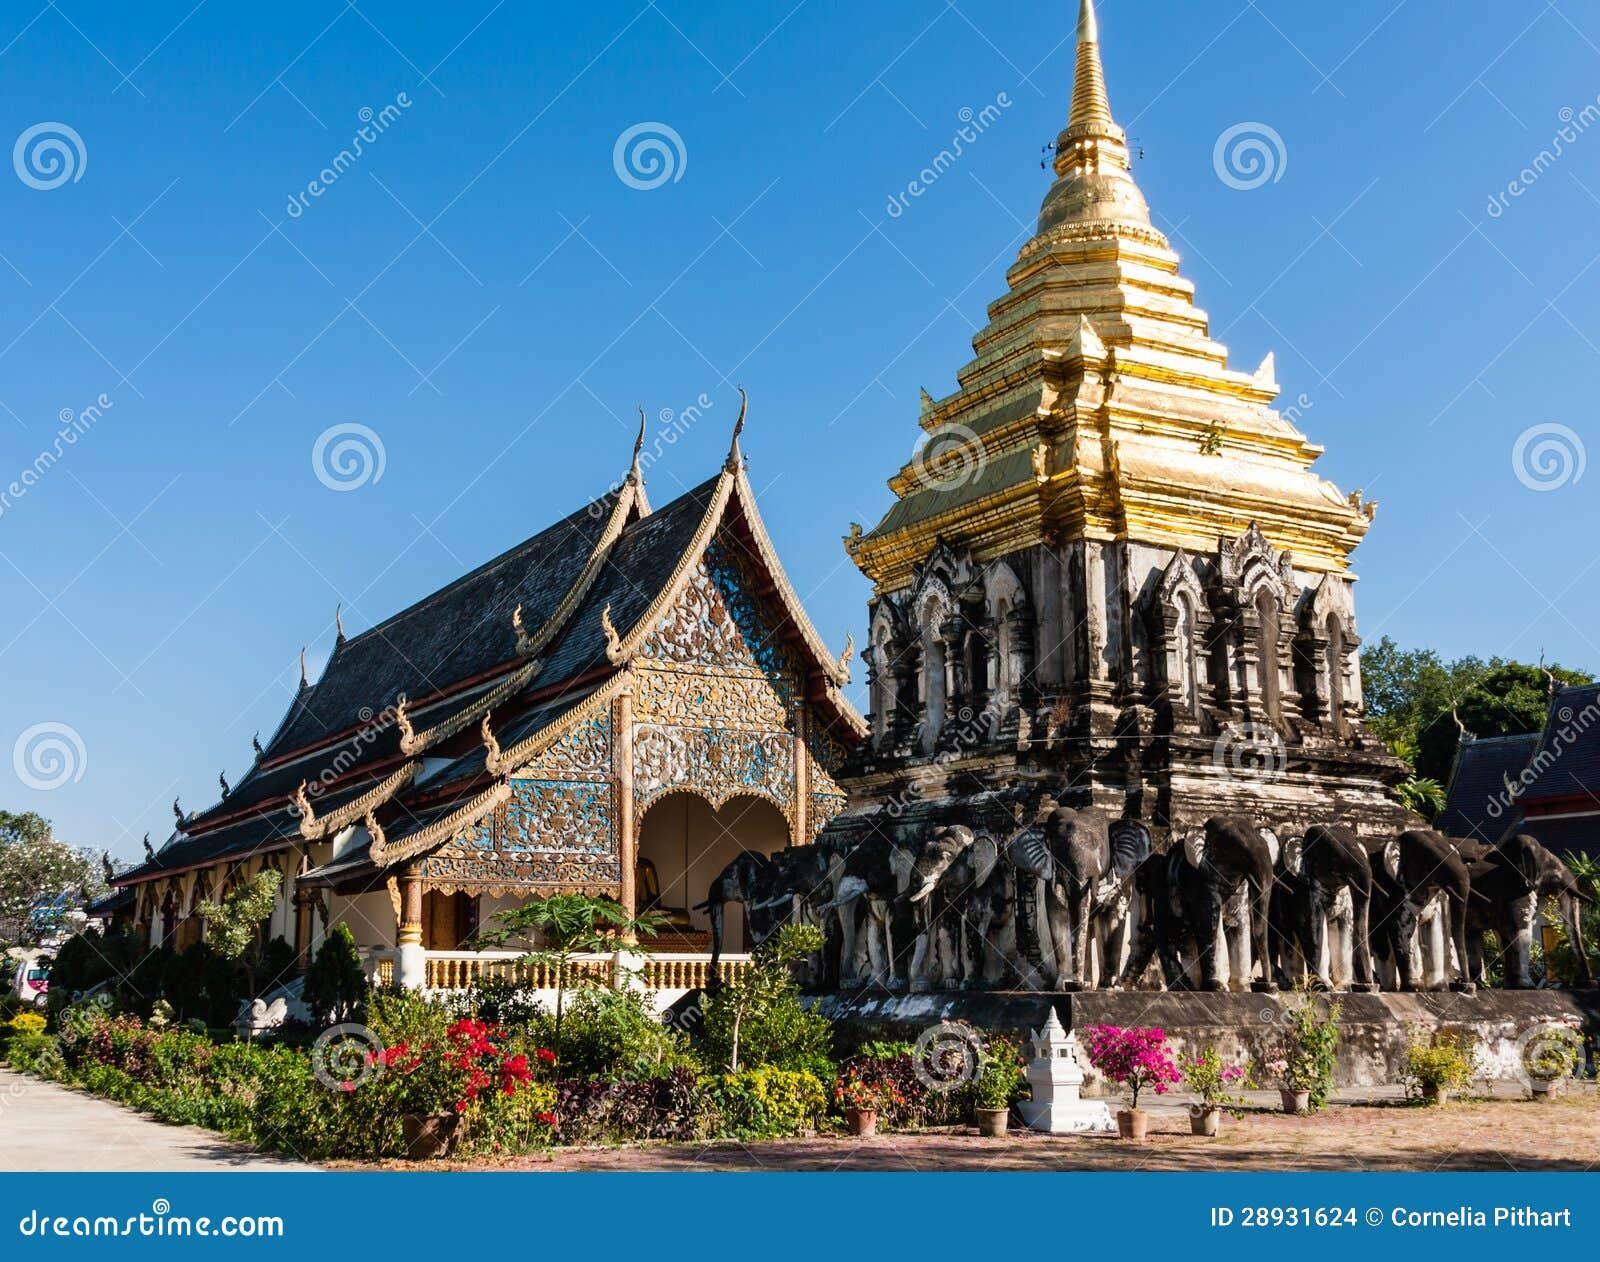 Wat Chiang Man, Chiang Mai, Thailand Stock Images - Image: 28931624